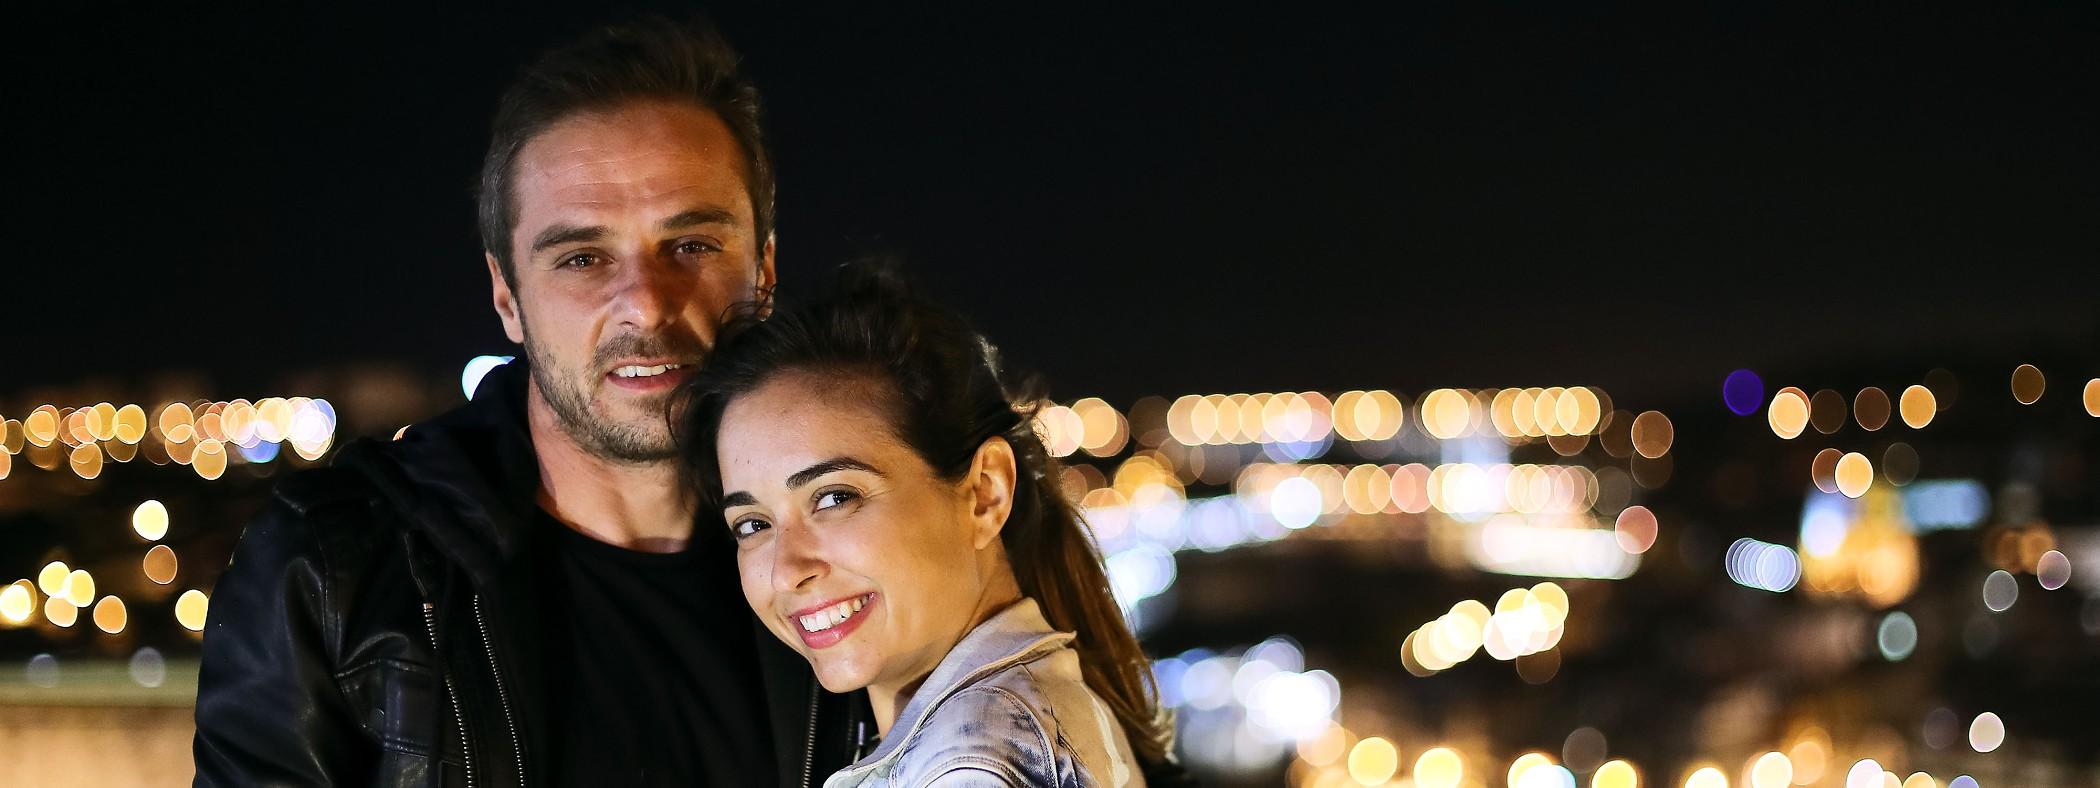 O amor está em todo o lado e este casal português vai viajar para o encontrar